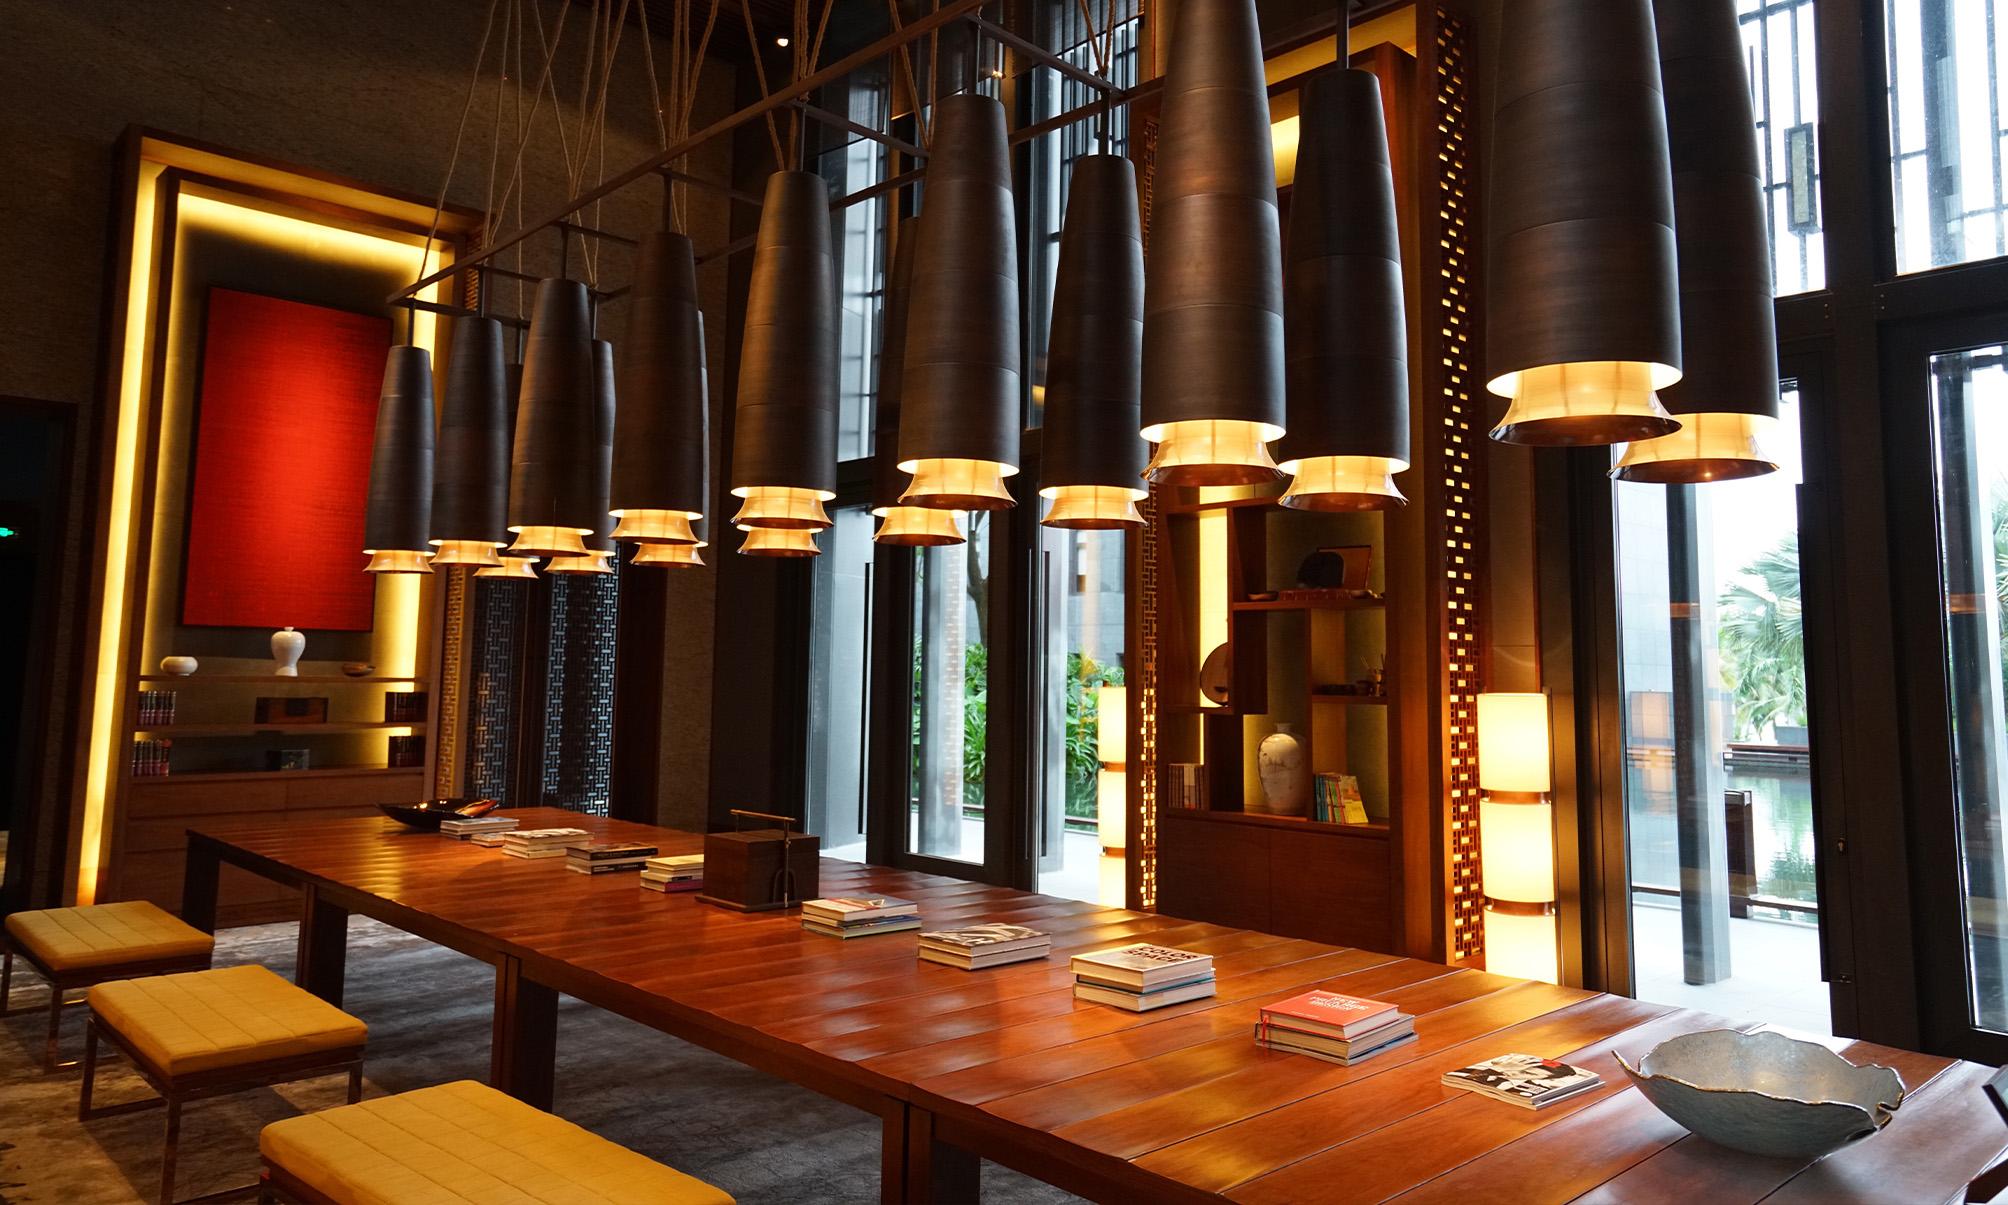 上海酒店家具厂-酒店木质家具怎样保养